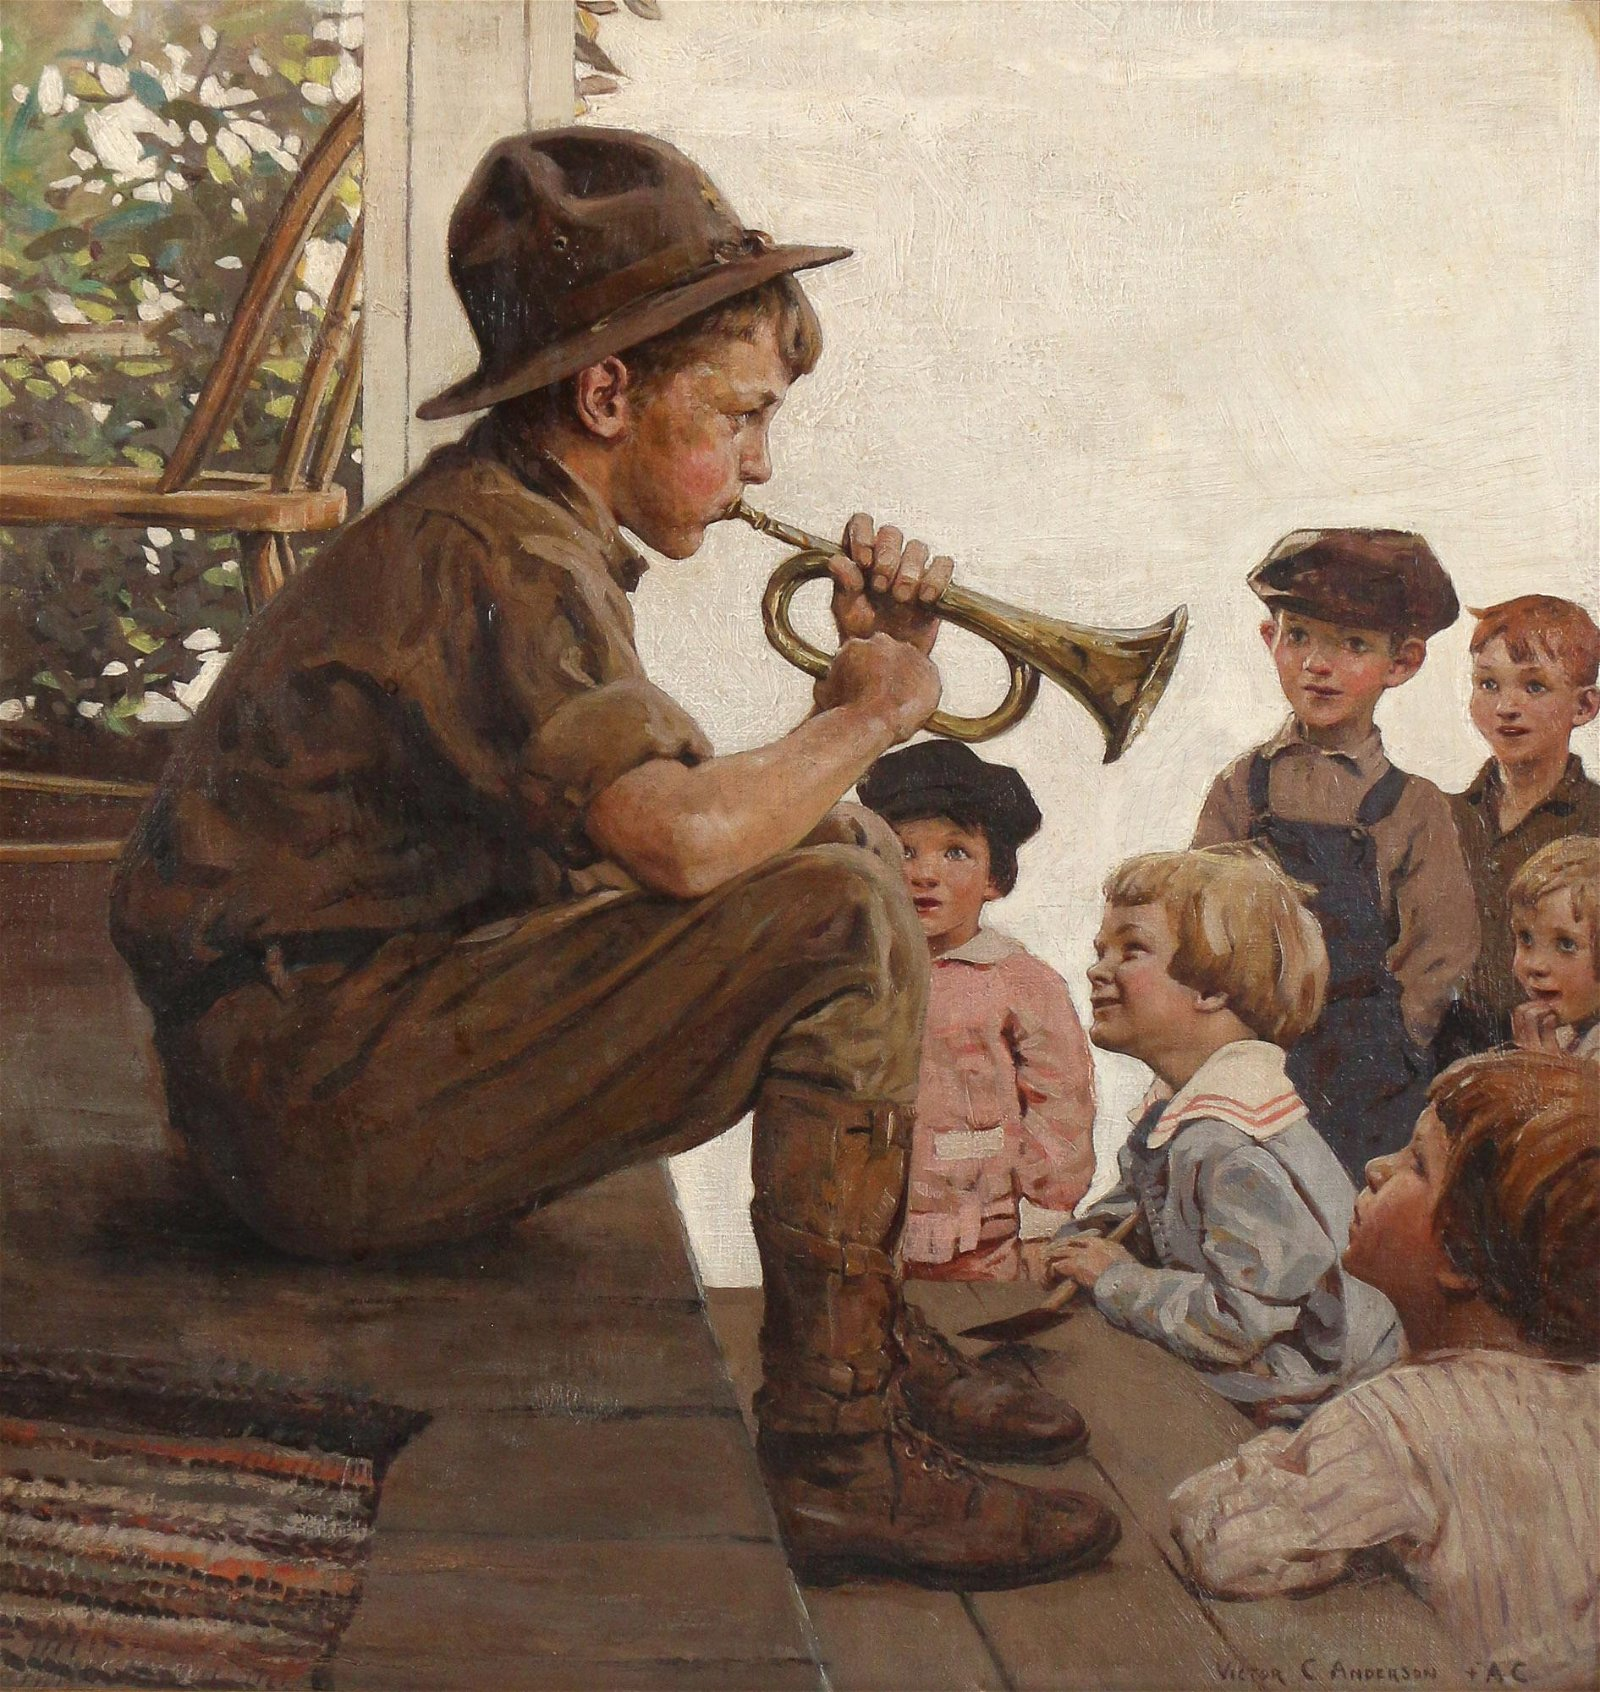 VICTOR COLEMAN ANDERSON (American, 1882-1937)